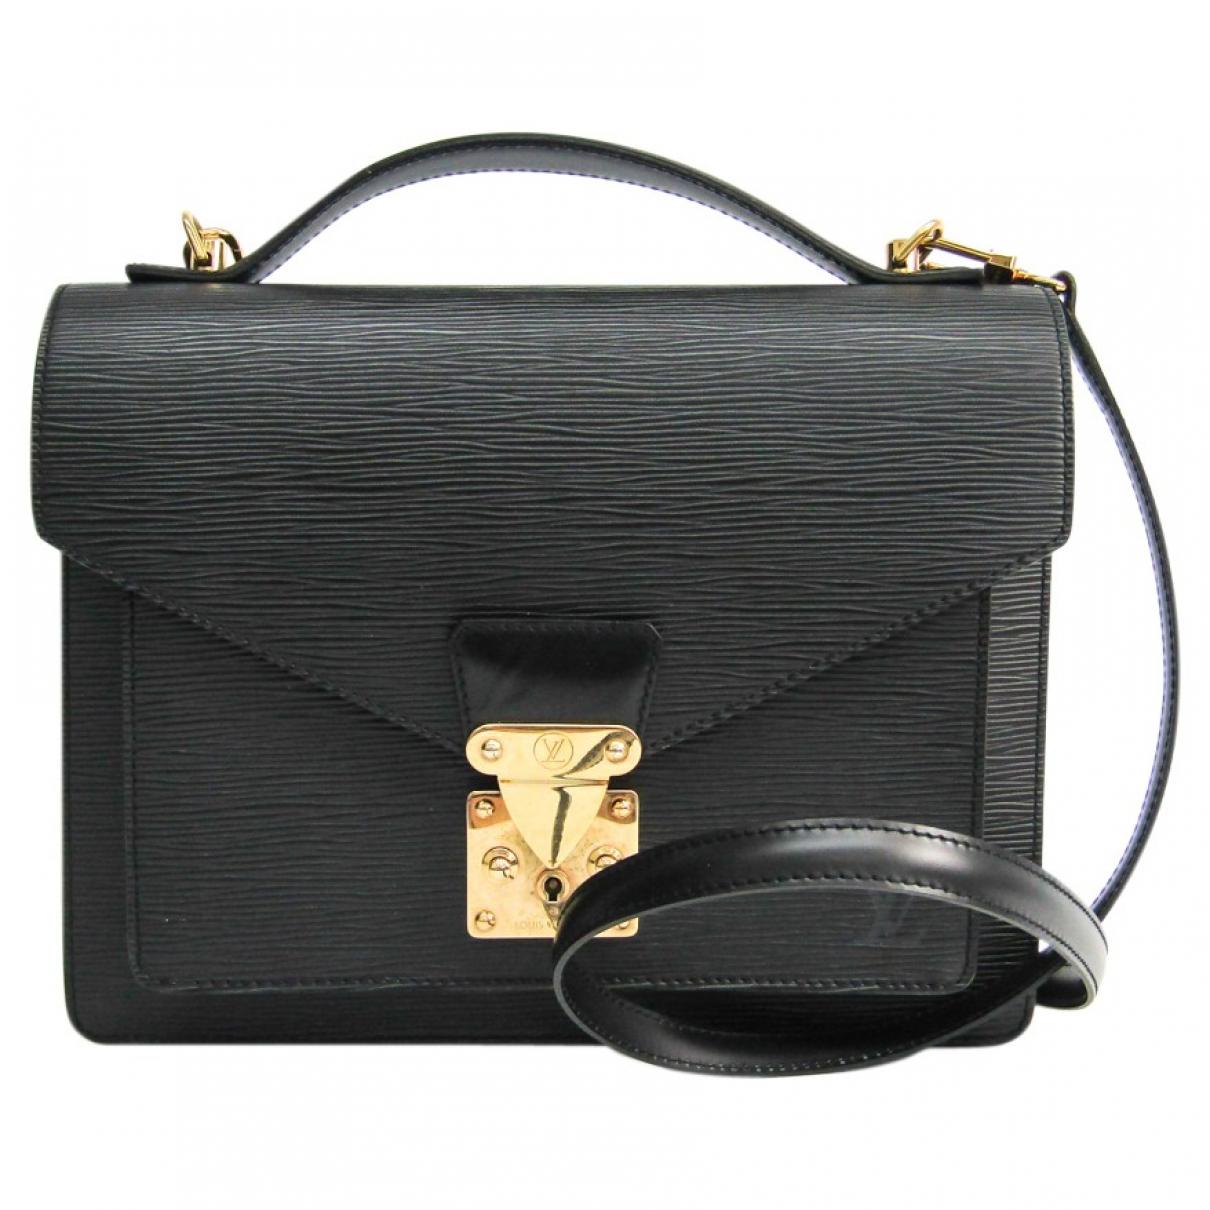 Louis Vuitton Monceau Handtasche in  Schwarz Leder